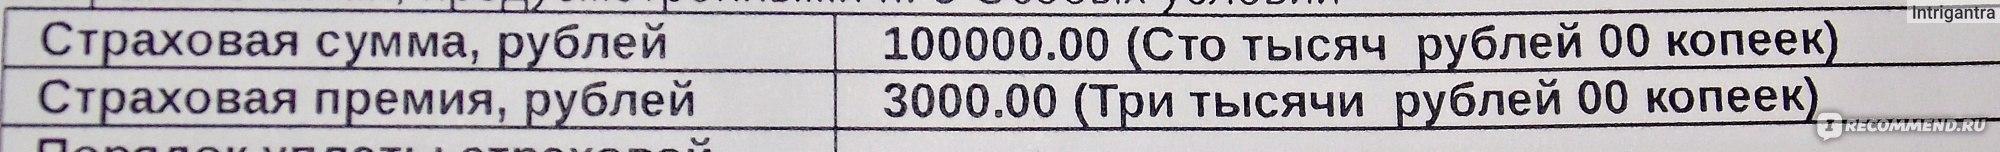 Ипотечный калькулятор ставок - рассчитать ипотеку онлайн